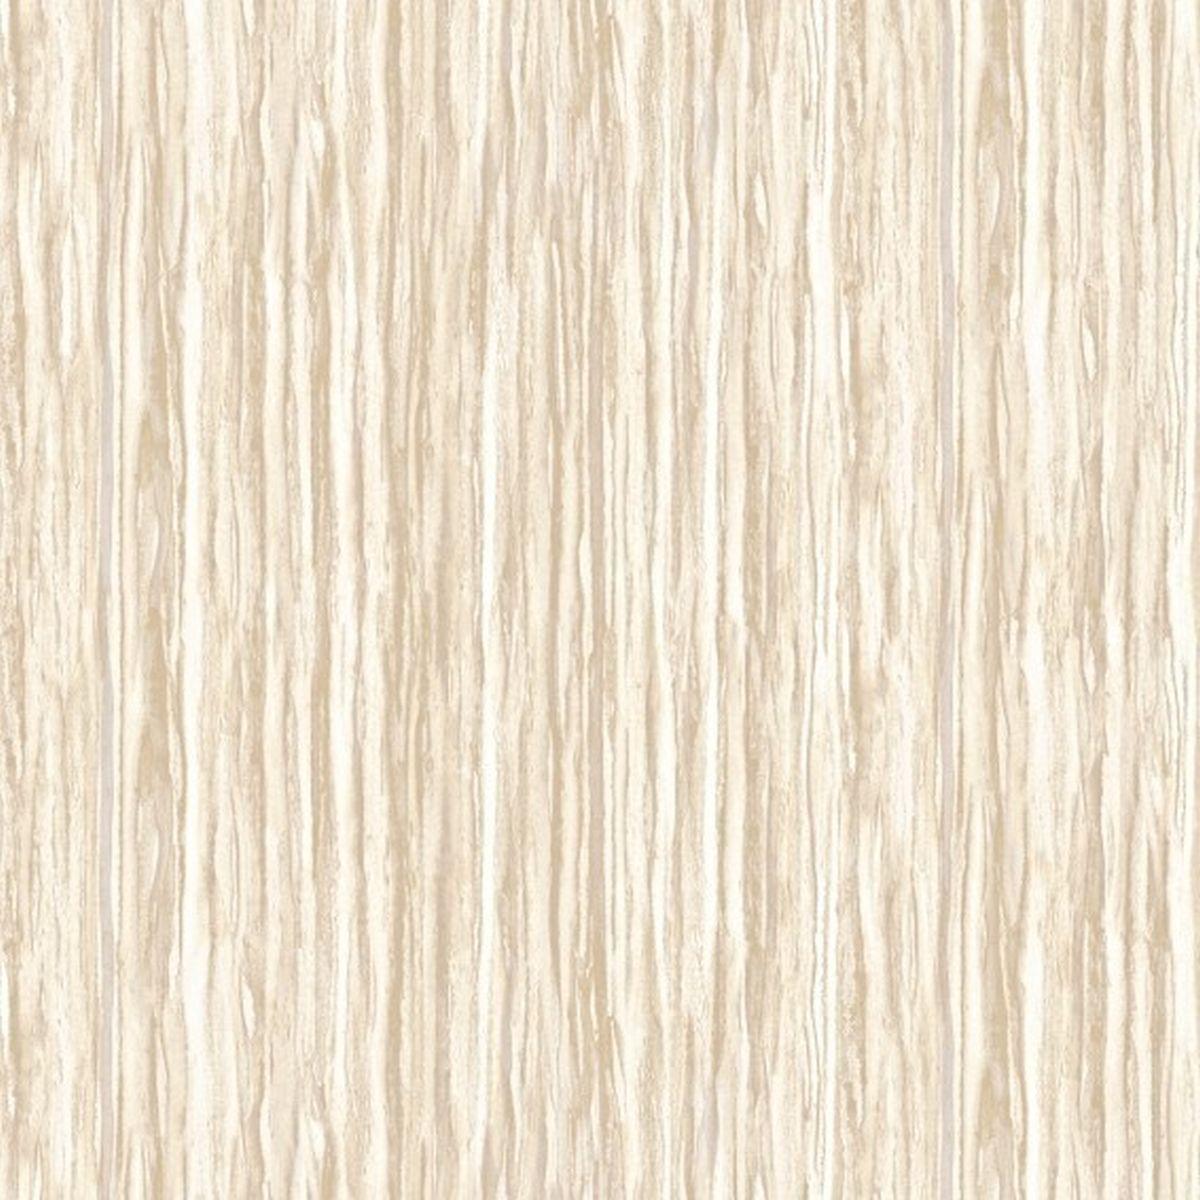 DesignID Vliestapete Erstklassige Vliestapete NF232052 Braun Tapete Holzopt günstig online kaufen